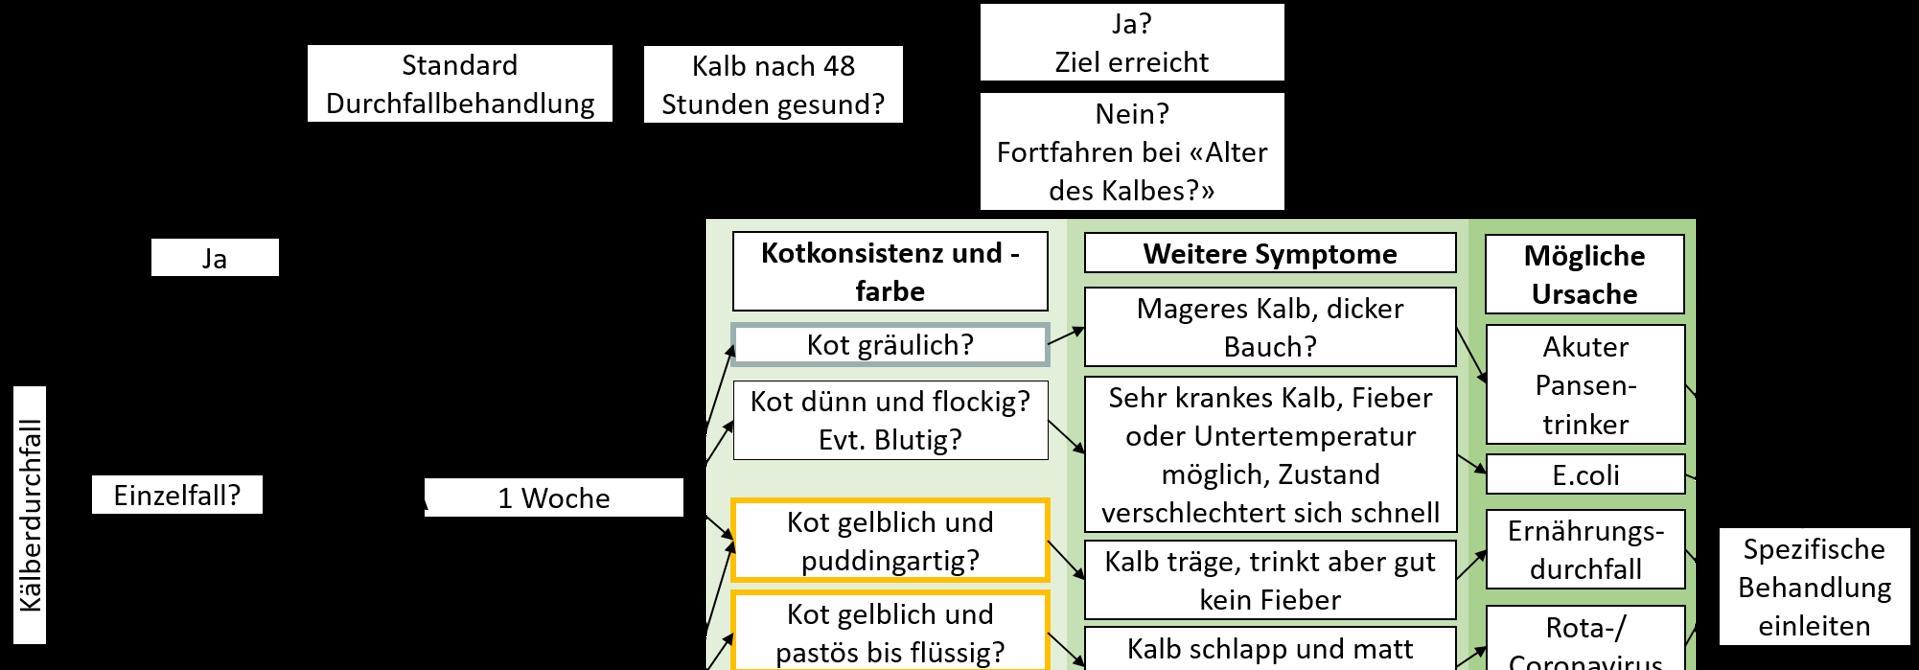 Schema fu00fcr die Erkennung von Ku00e4lberdurchfall (Informationsquelle: Kuhsignale Kontrollbuch, Jan Hulsen, veru00e4ndert durch Selina Hug, Strickhof)>